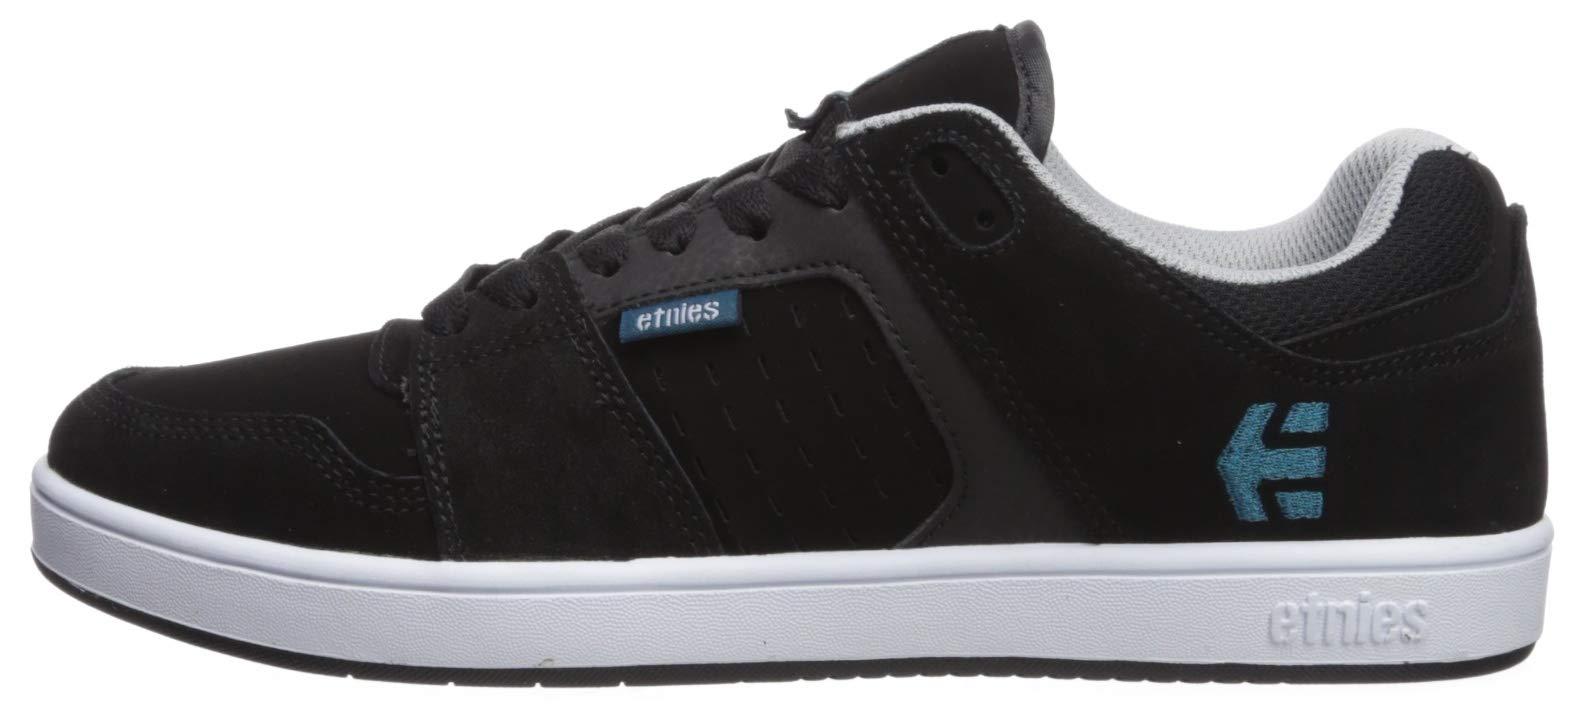 Etnies Men's Rockfield Skate Shoe- Buy